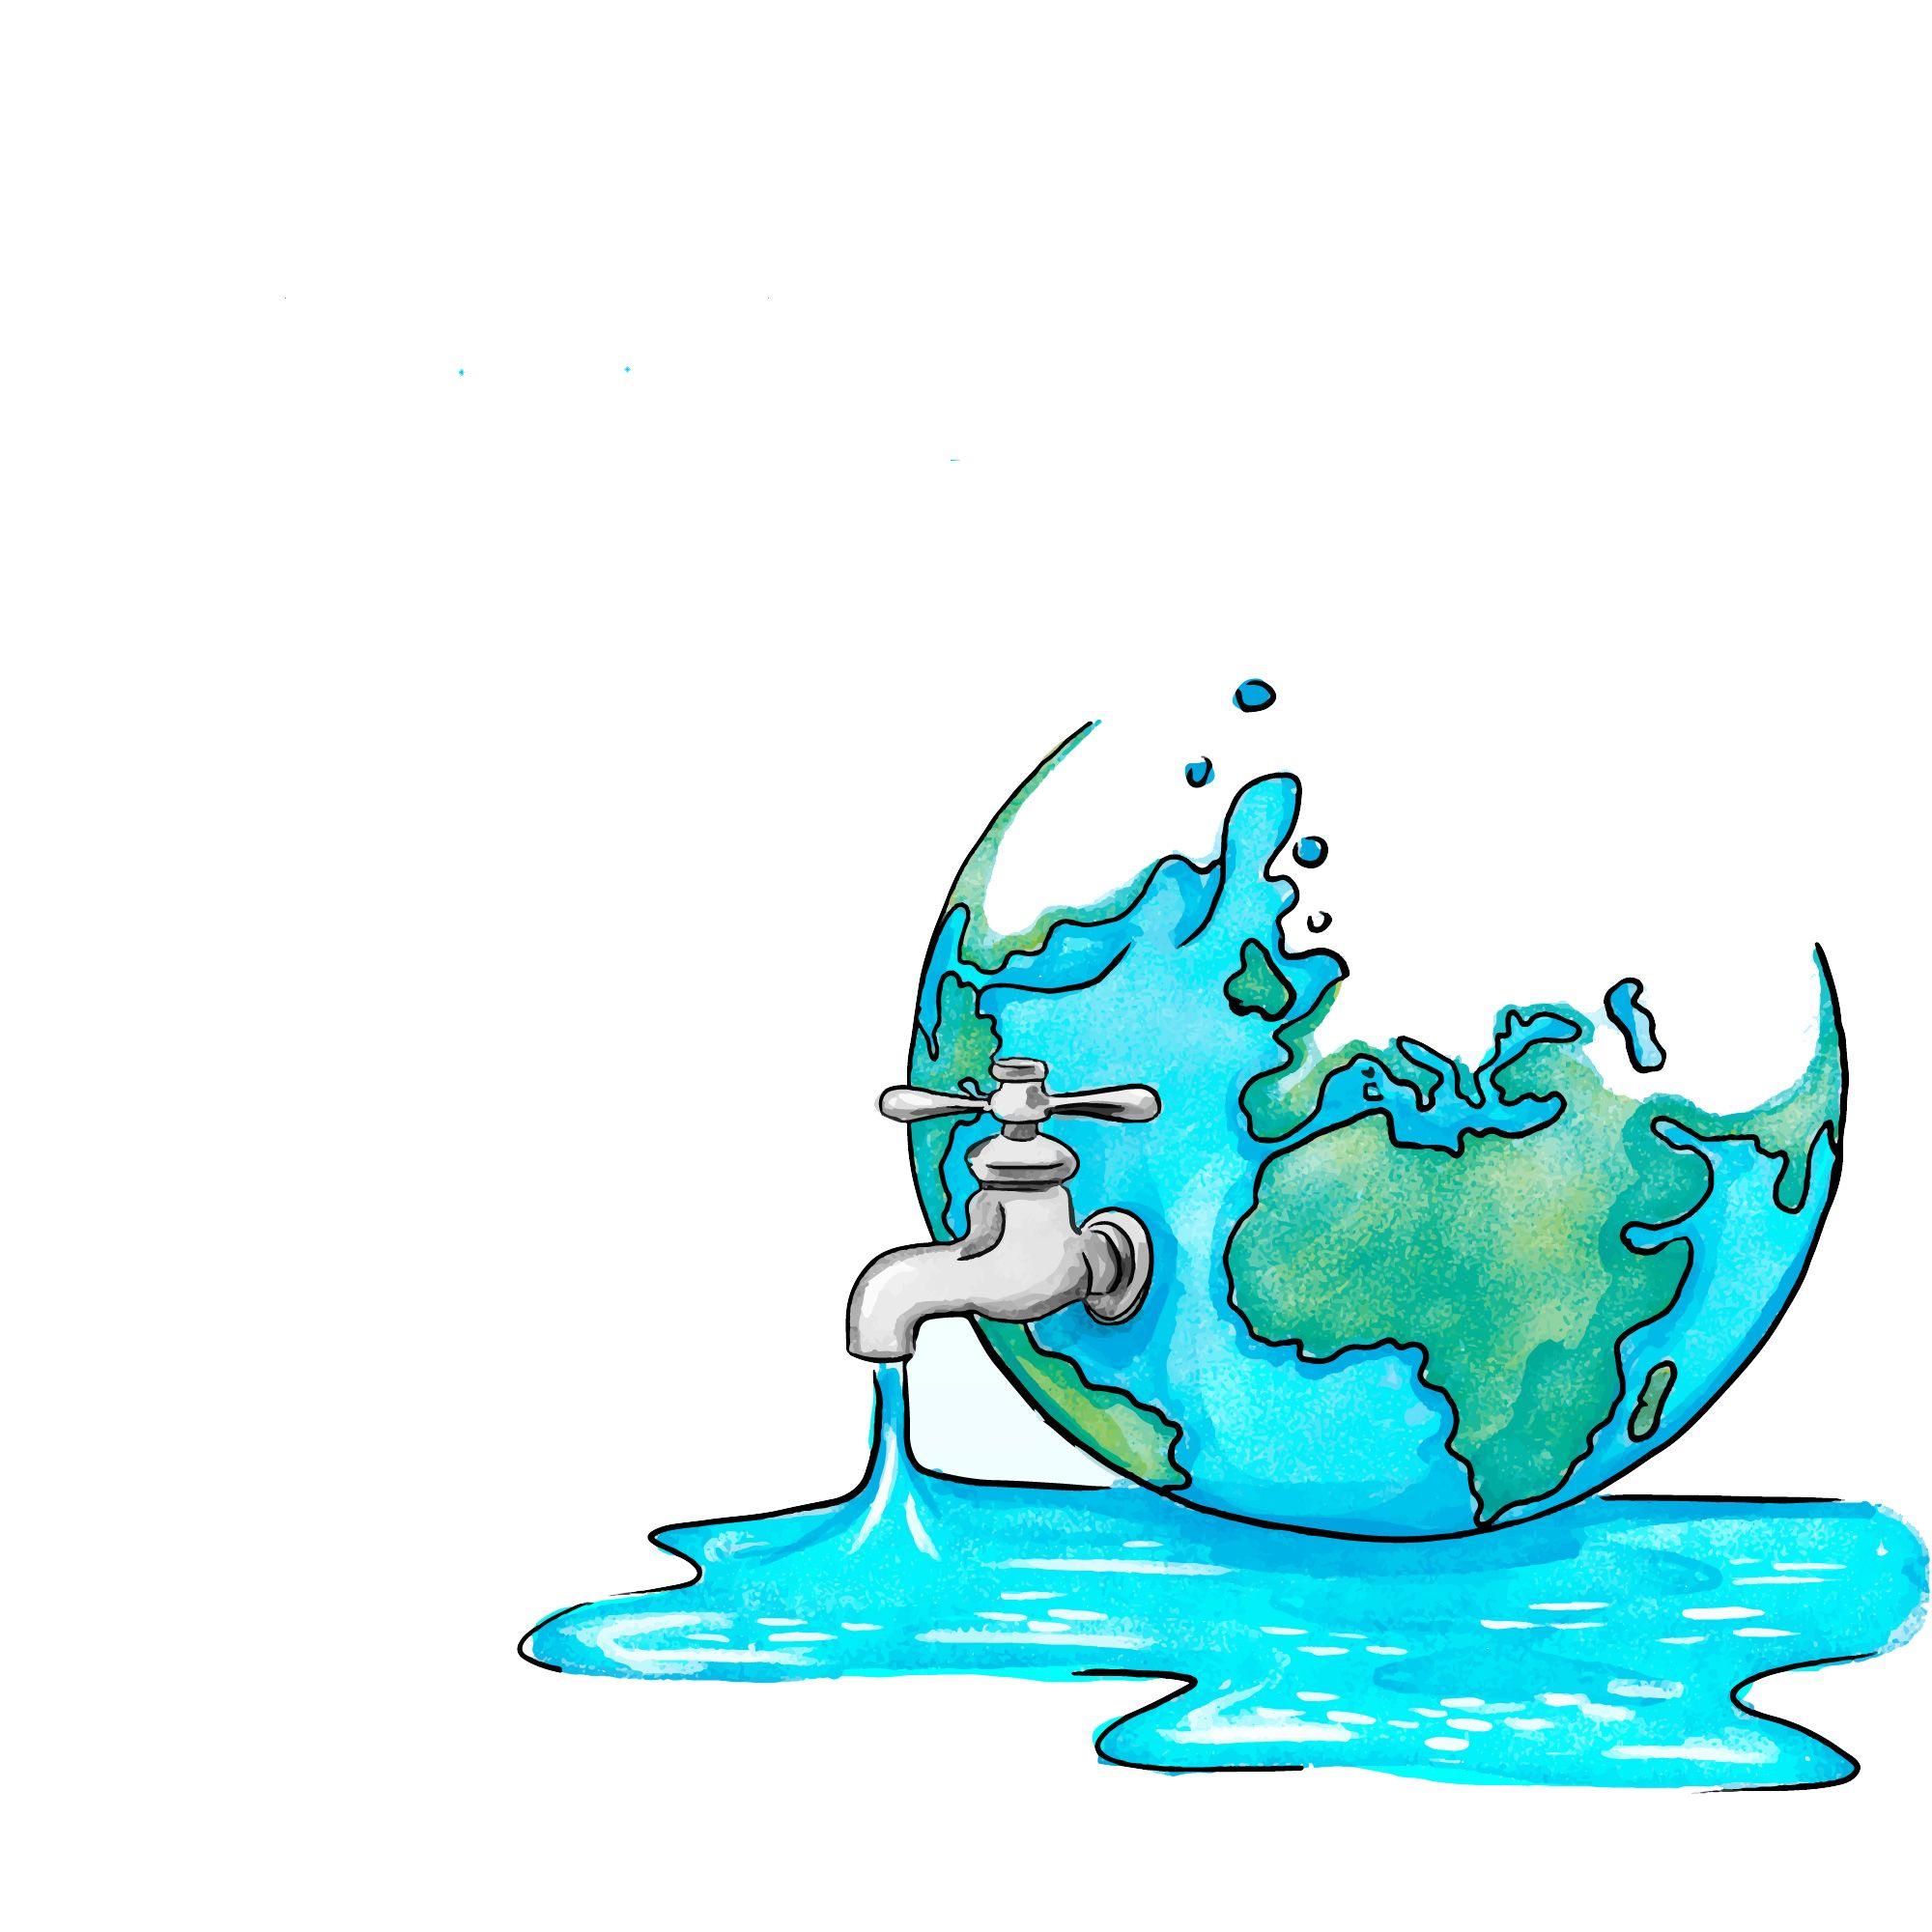 Comment Économiser L Eau Au Quotidien j'économise l'eau